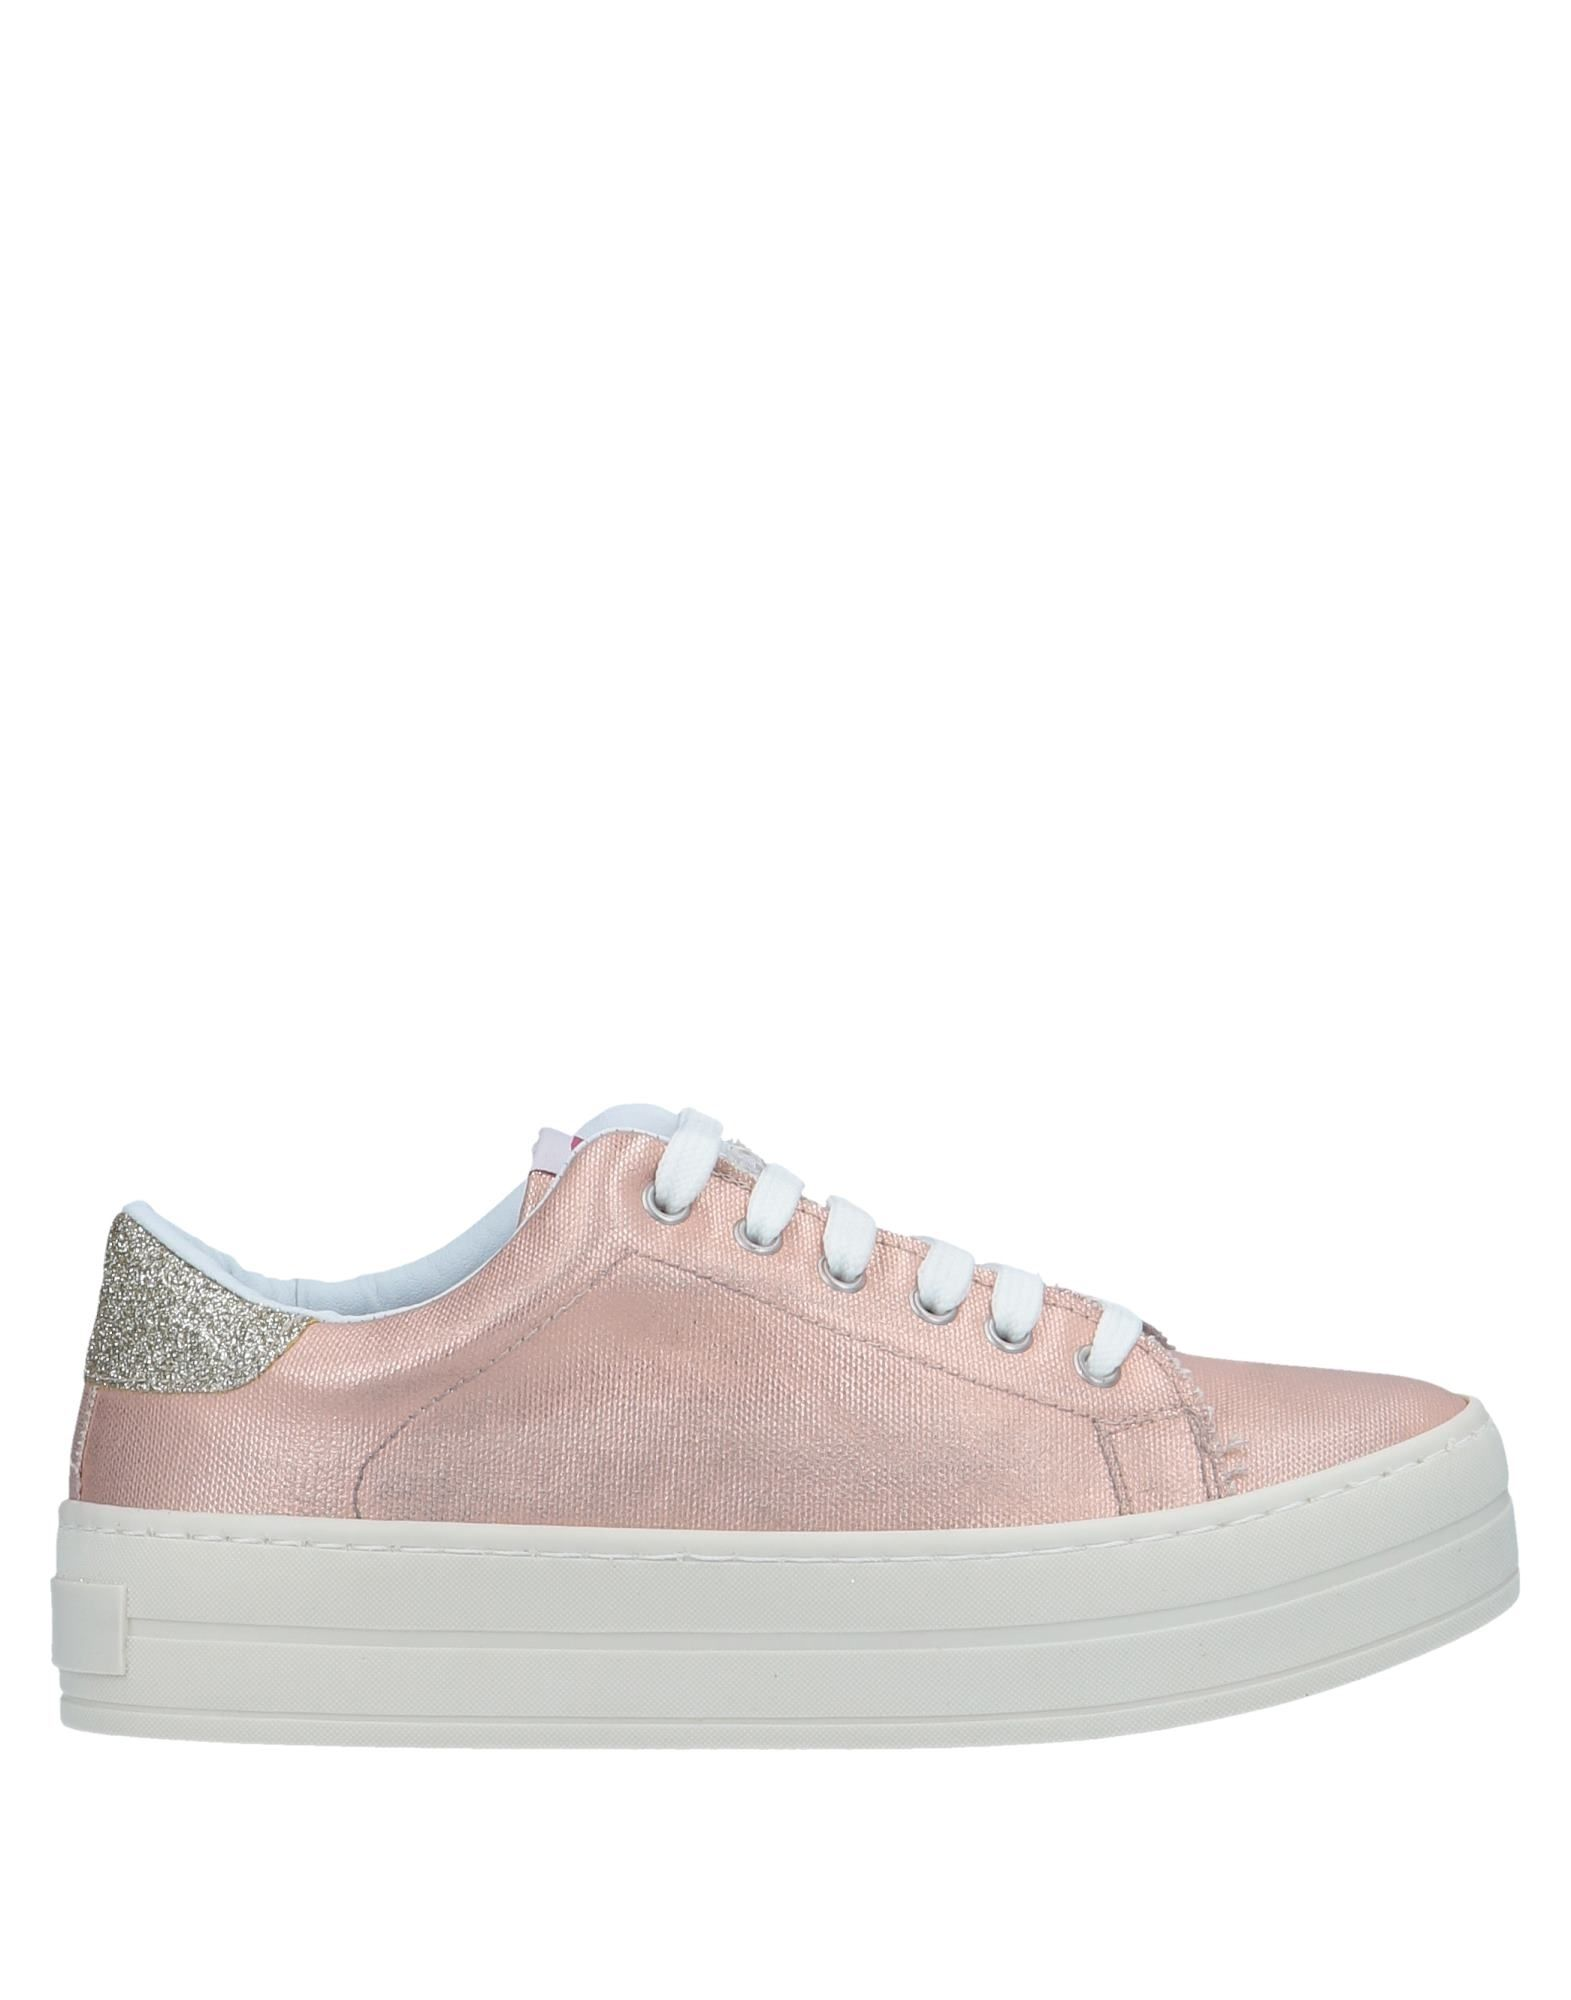 Sneakers Fornarina Donna e - 11564966WU Scarpe comode e Donna distintive f46e0c